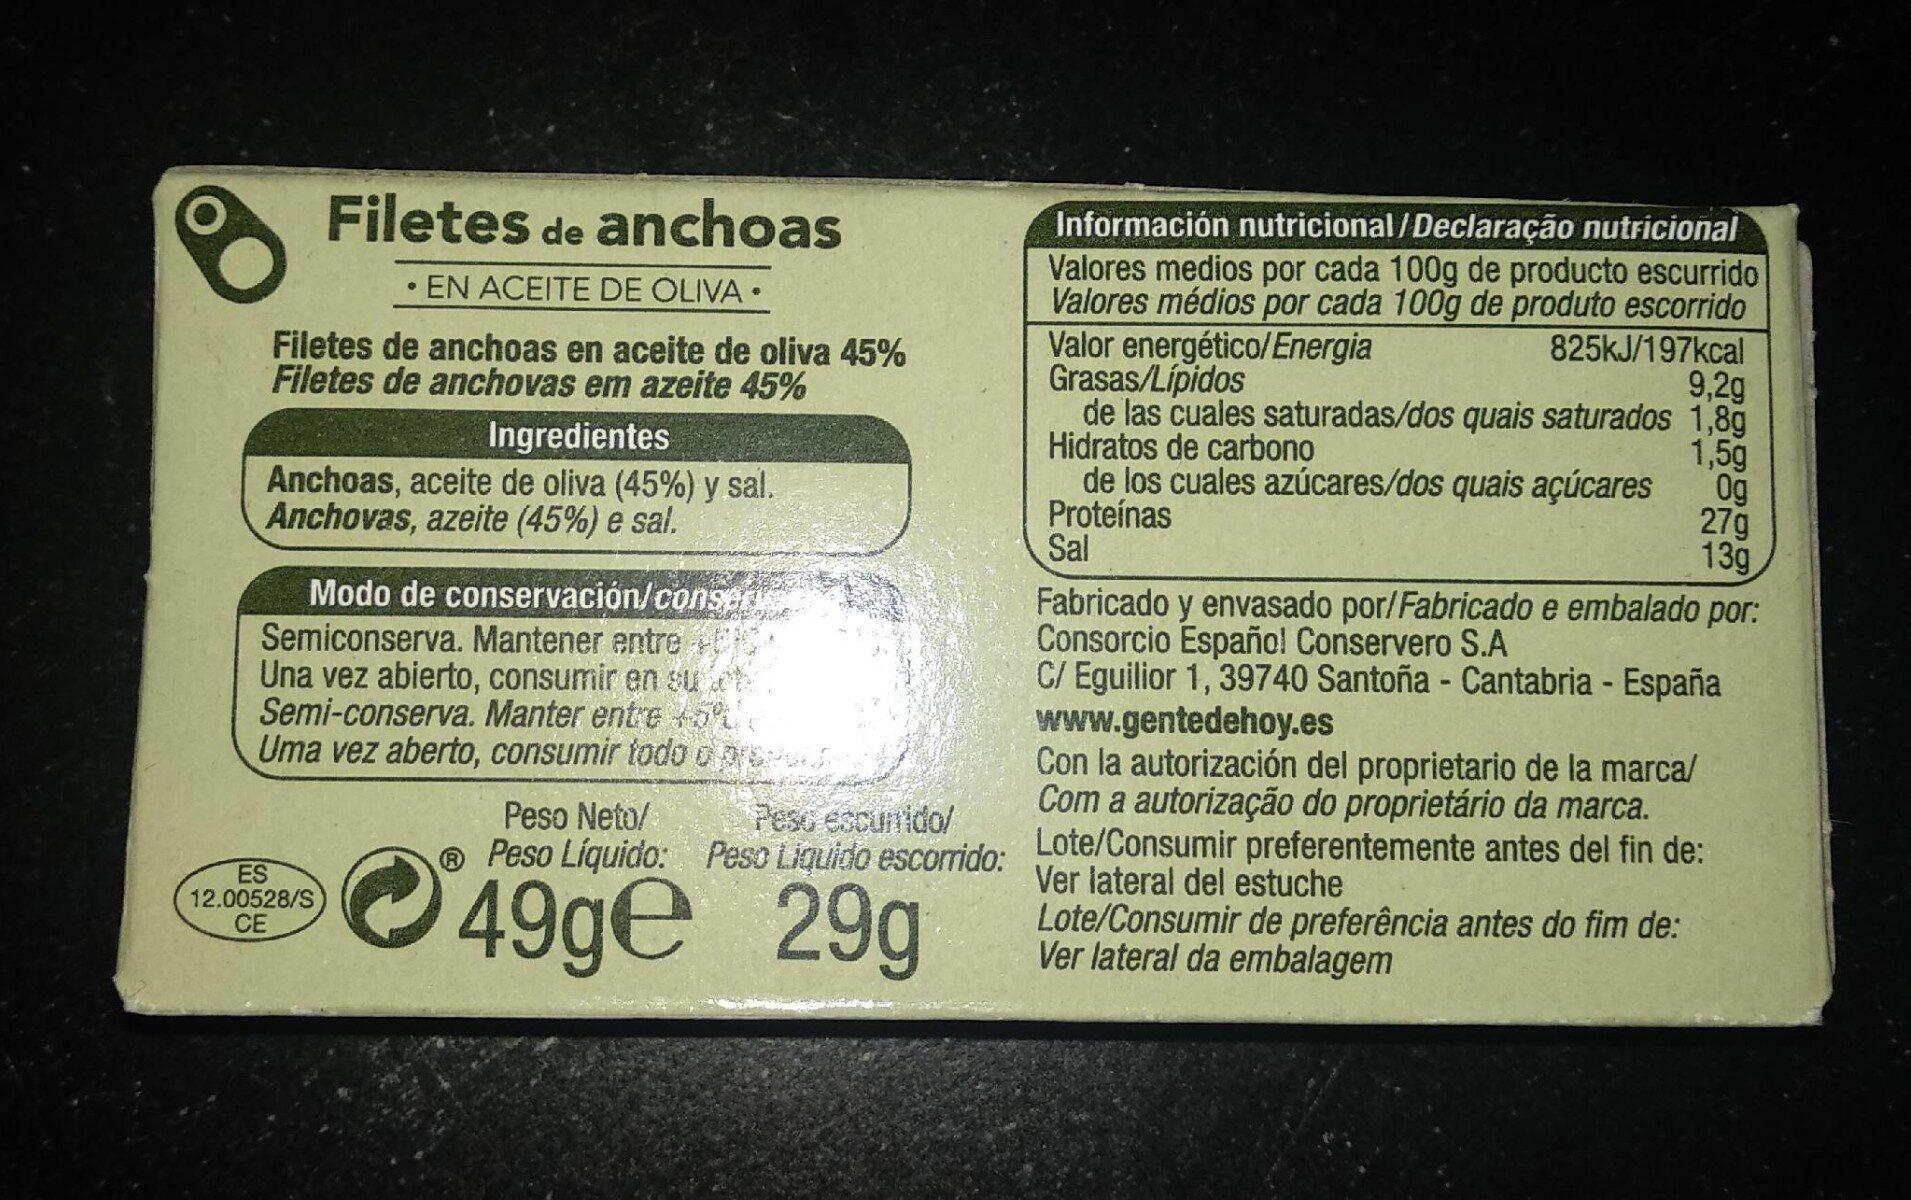 Filetes de anchoas - Información nutricional